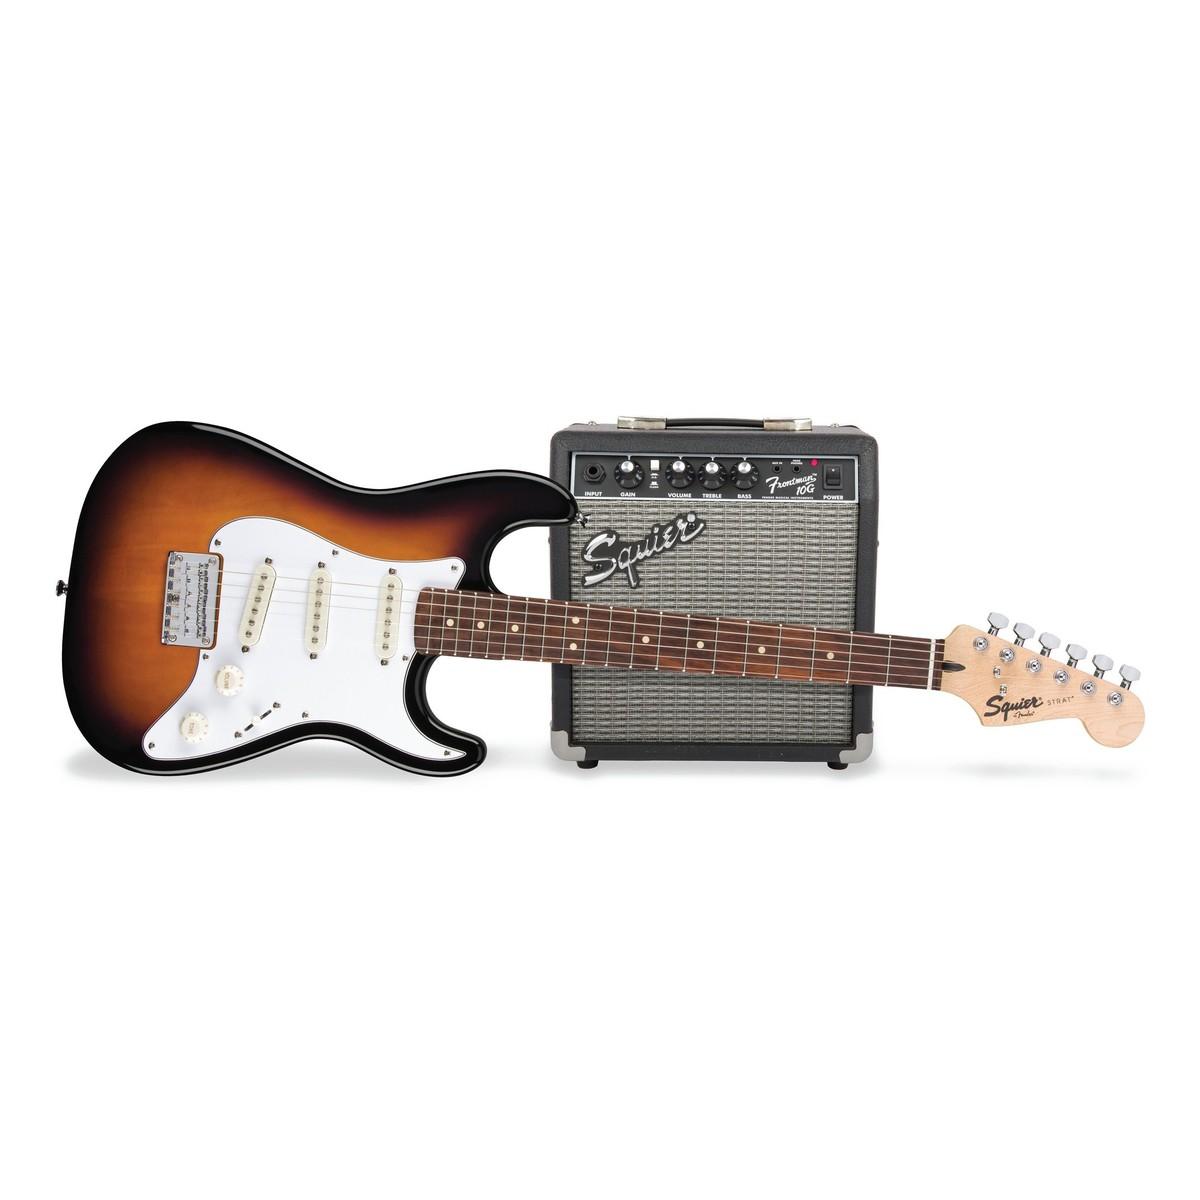 fender squier strat pack ss short scale electric guitar pack sunburst at. Black Bedroom Furniture Sets. Home Design Ideas